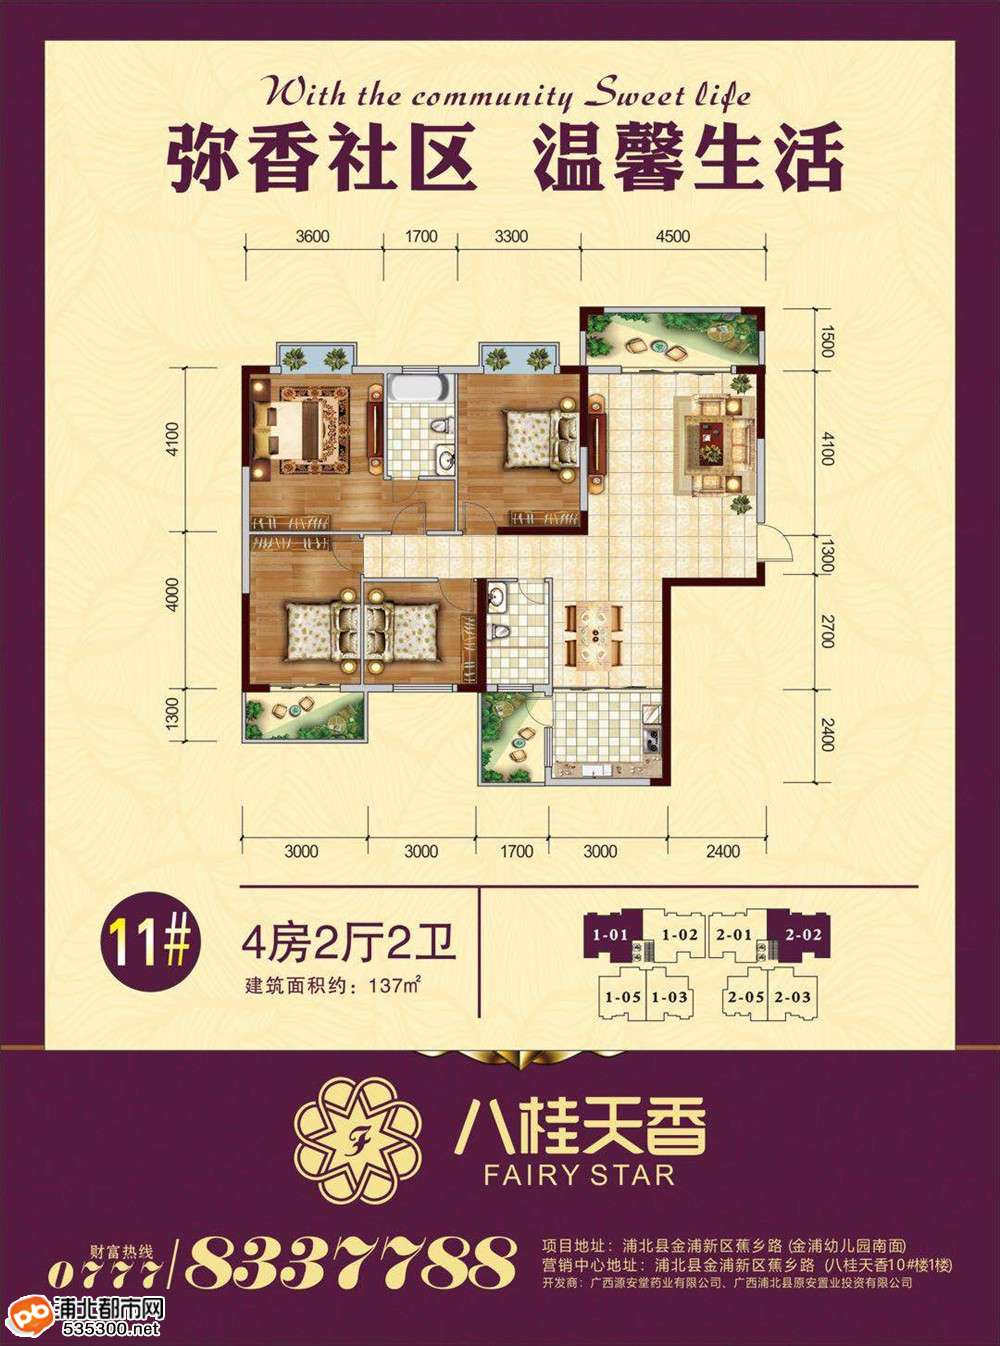 八桂天香二期11#栋新品发布会热销加推,免费家电等你来拿!